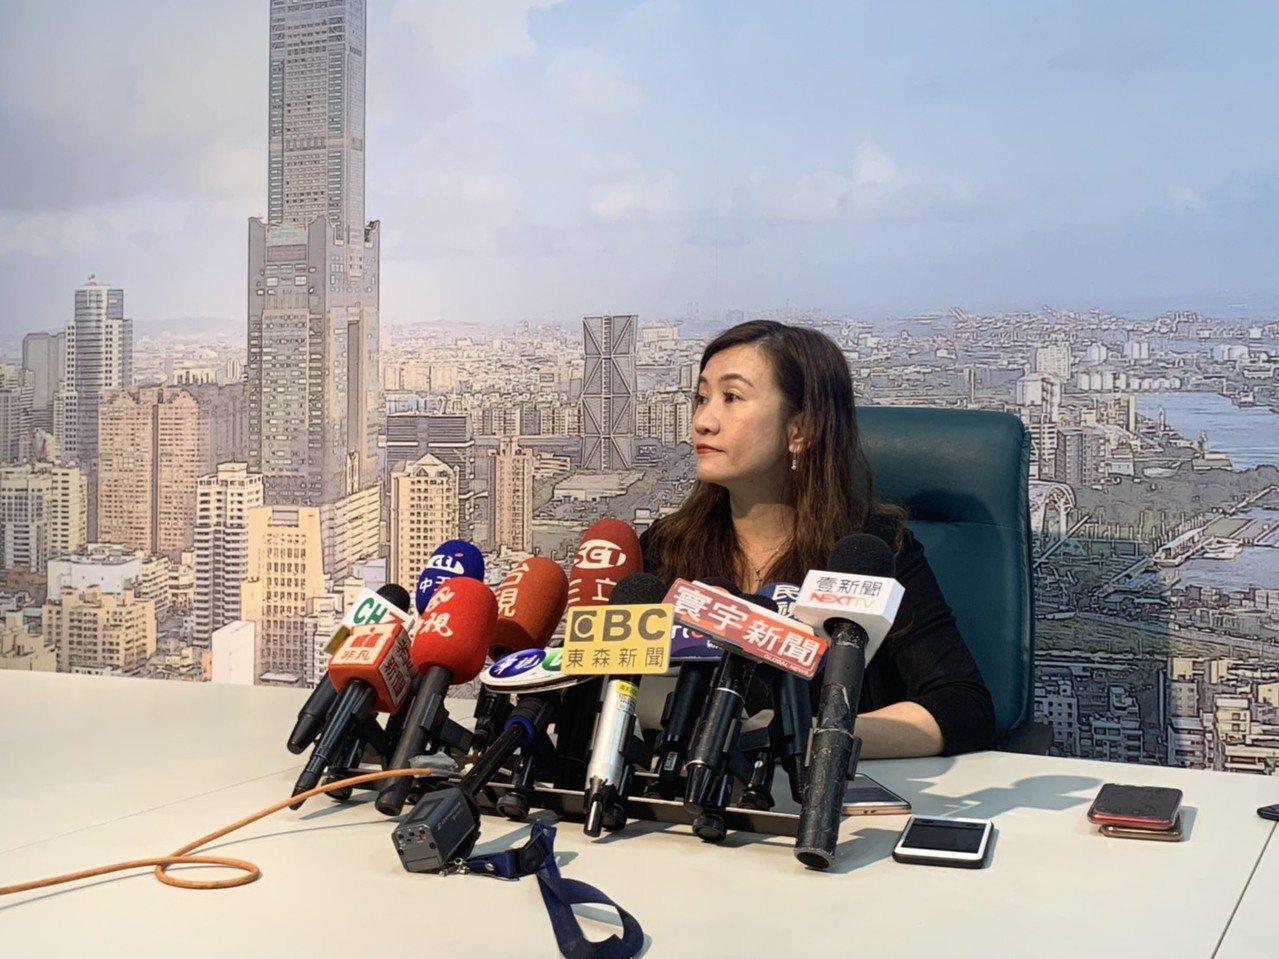 高雄市新闻局长王浅秋。记者蔡孟妤/摄影